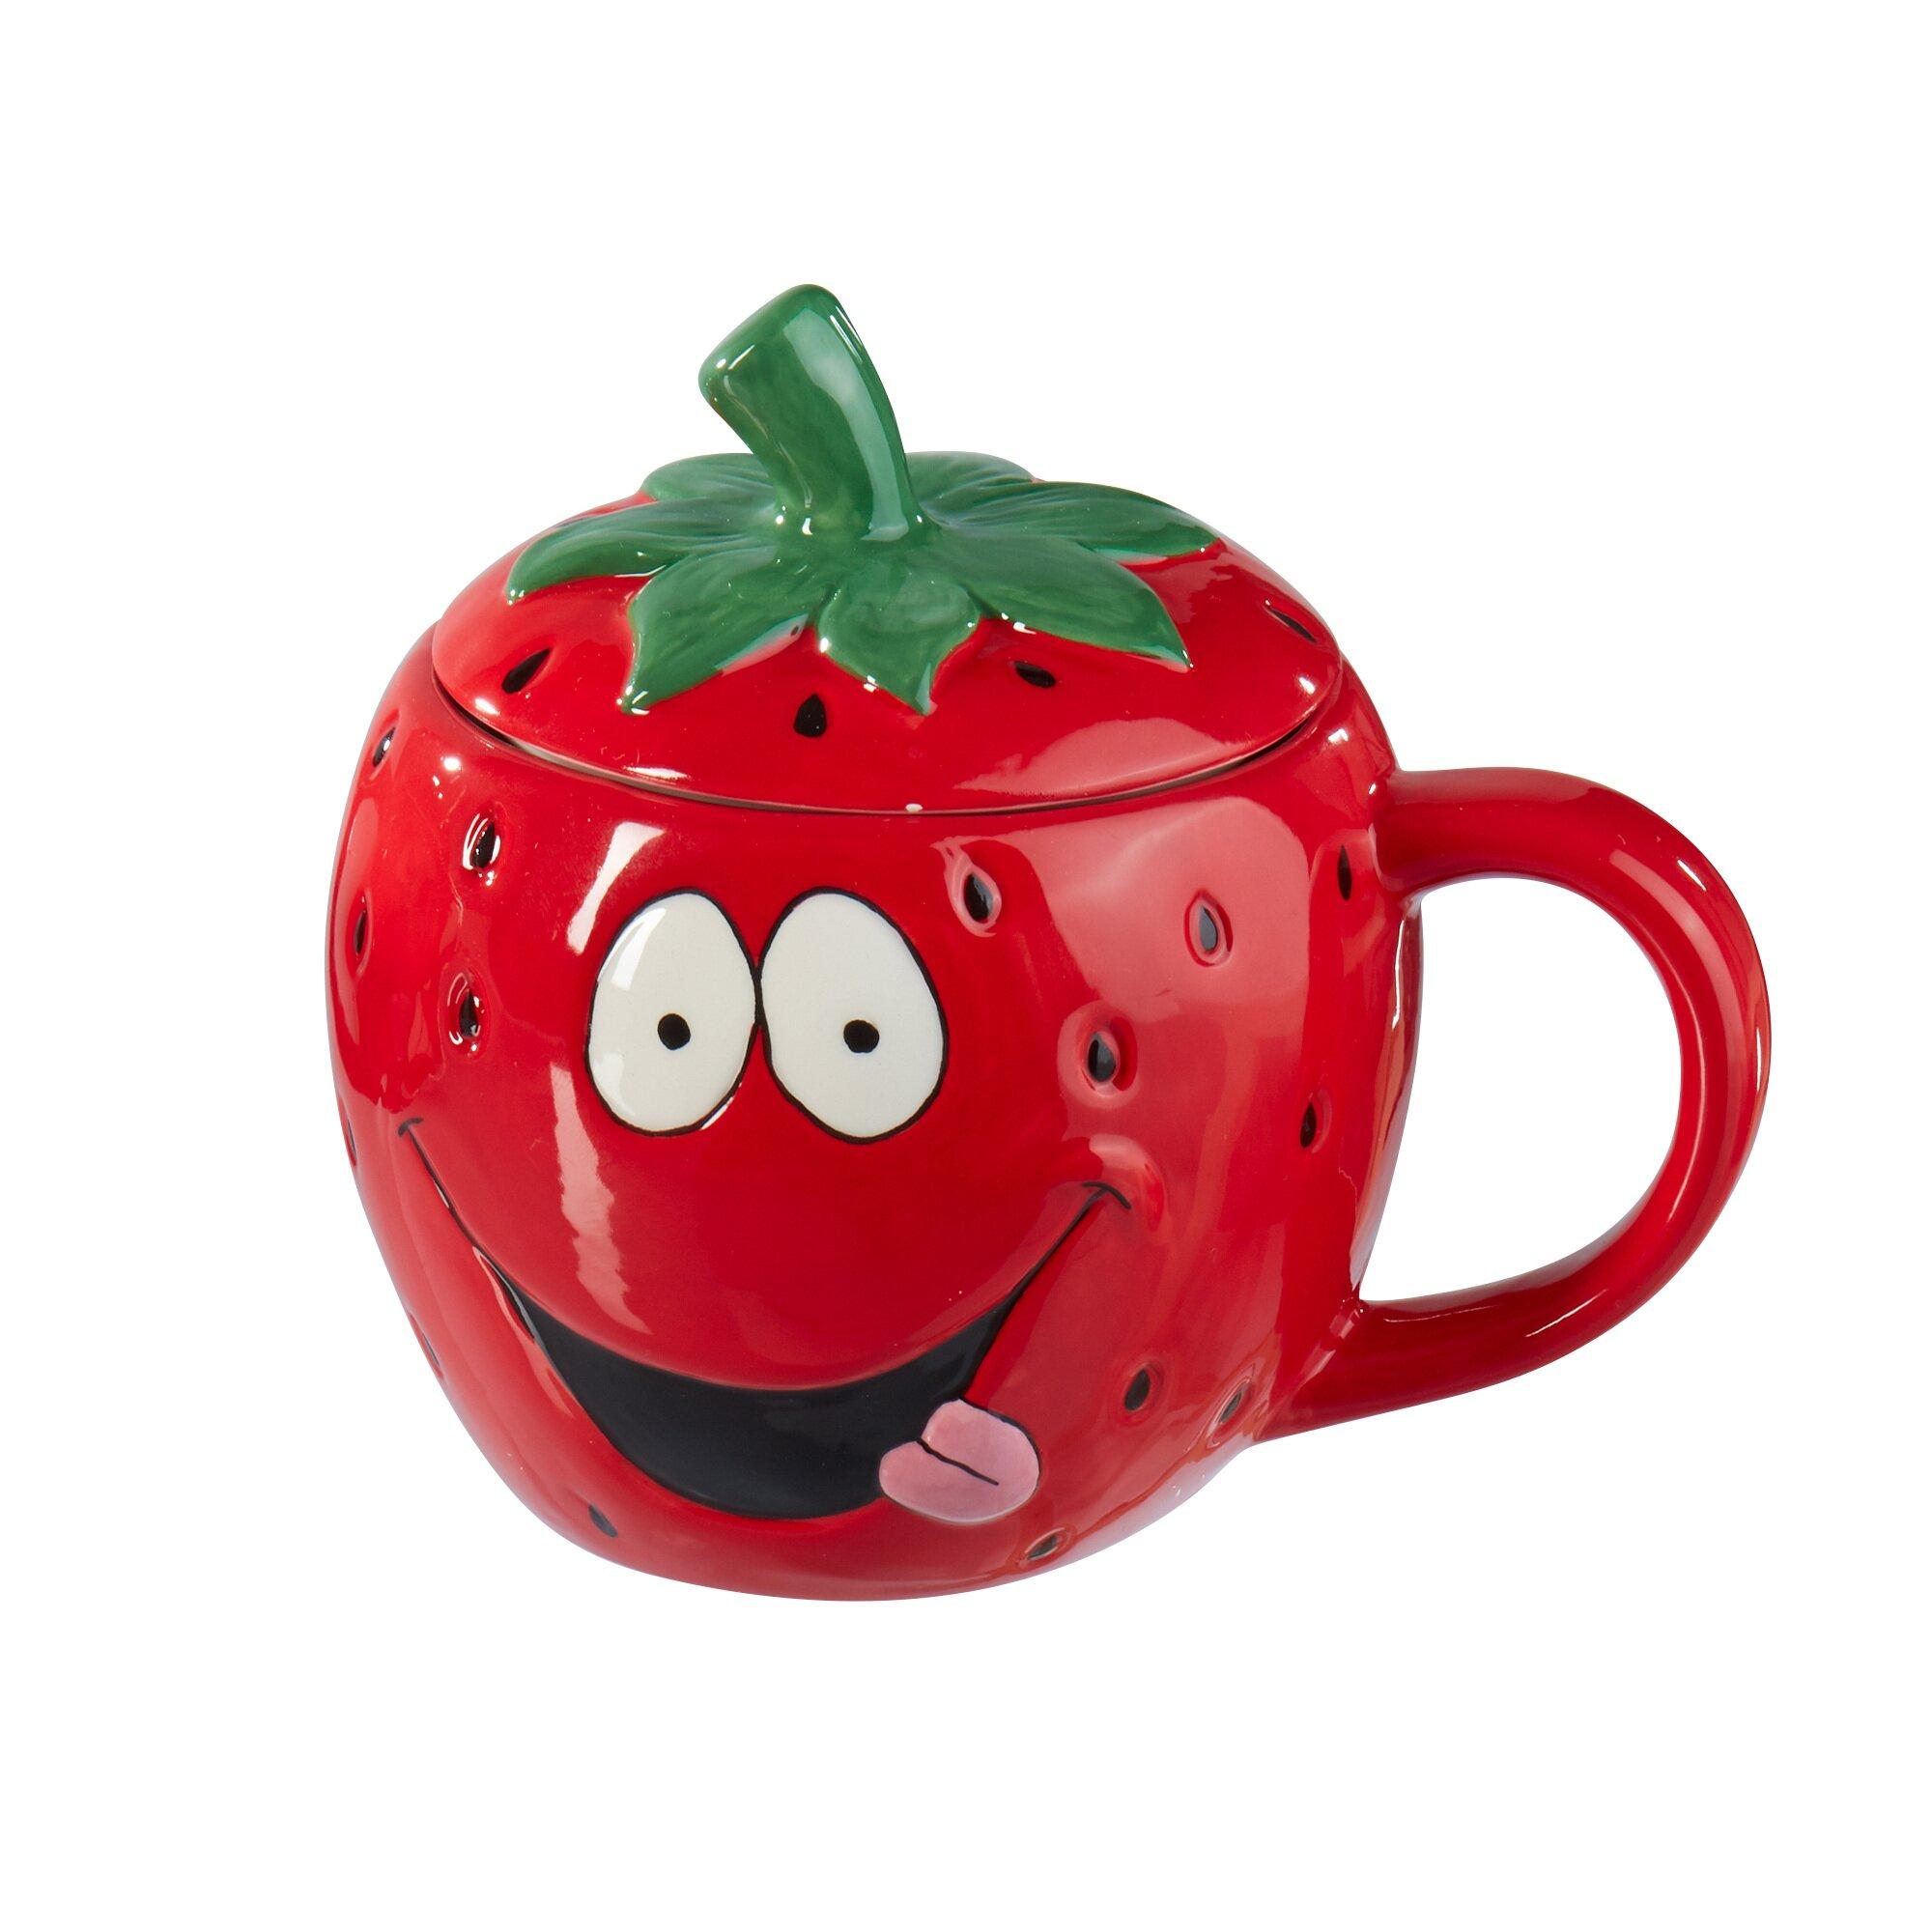 Image of Erdbeer-Tasse, 450 ml